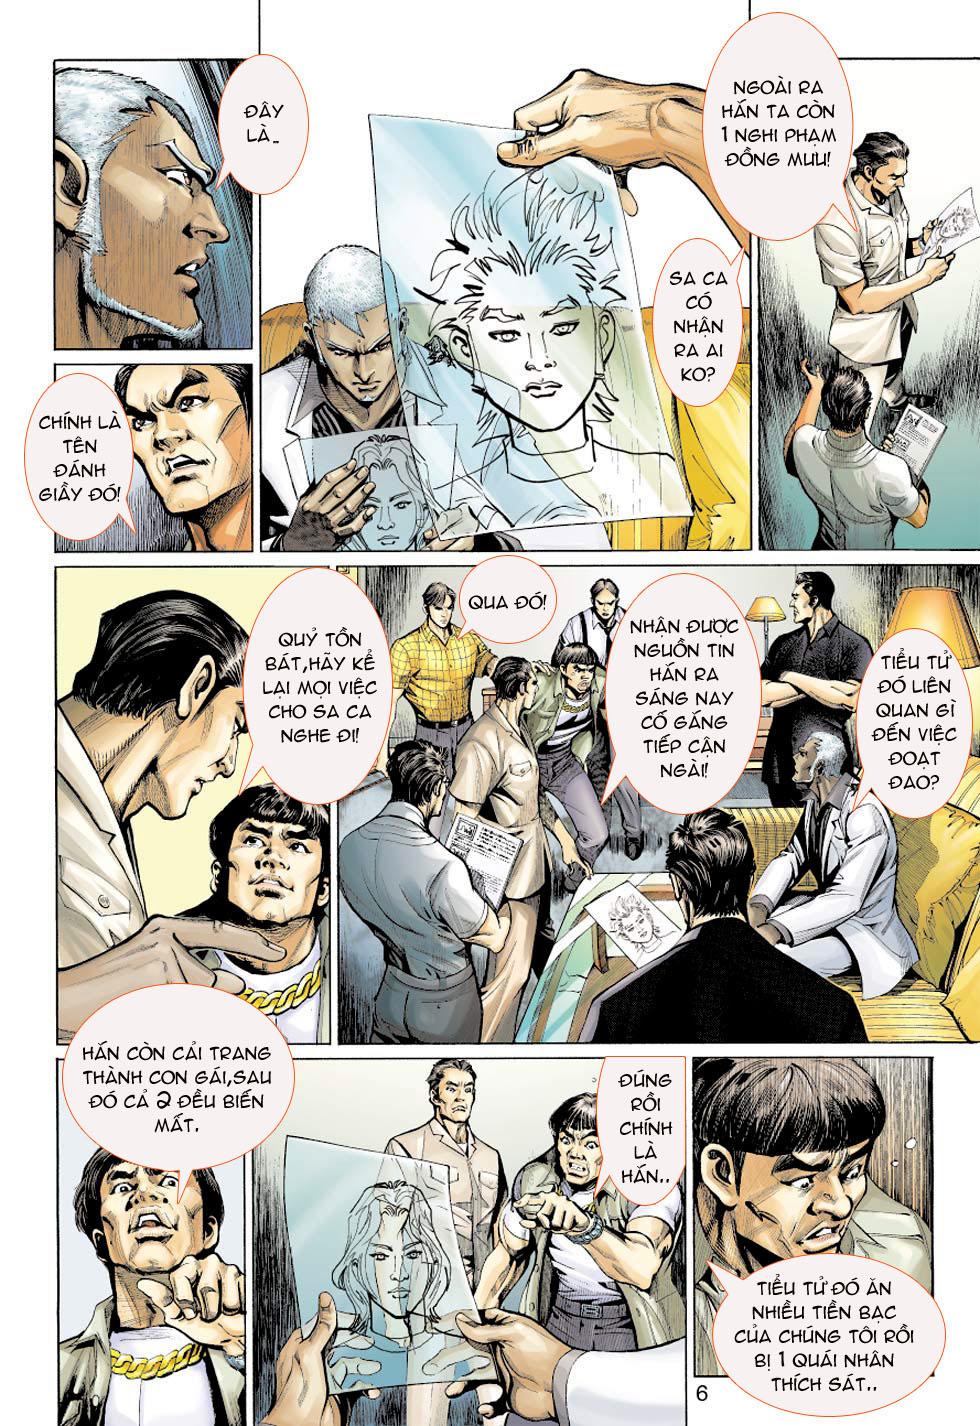 Thần Binh 4 chap 5 - Trang 6